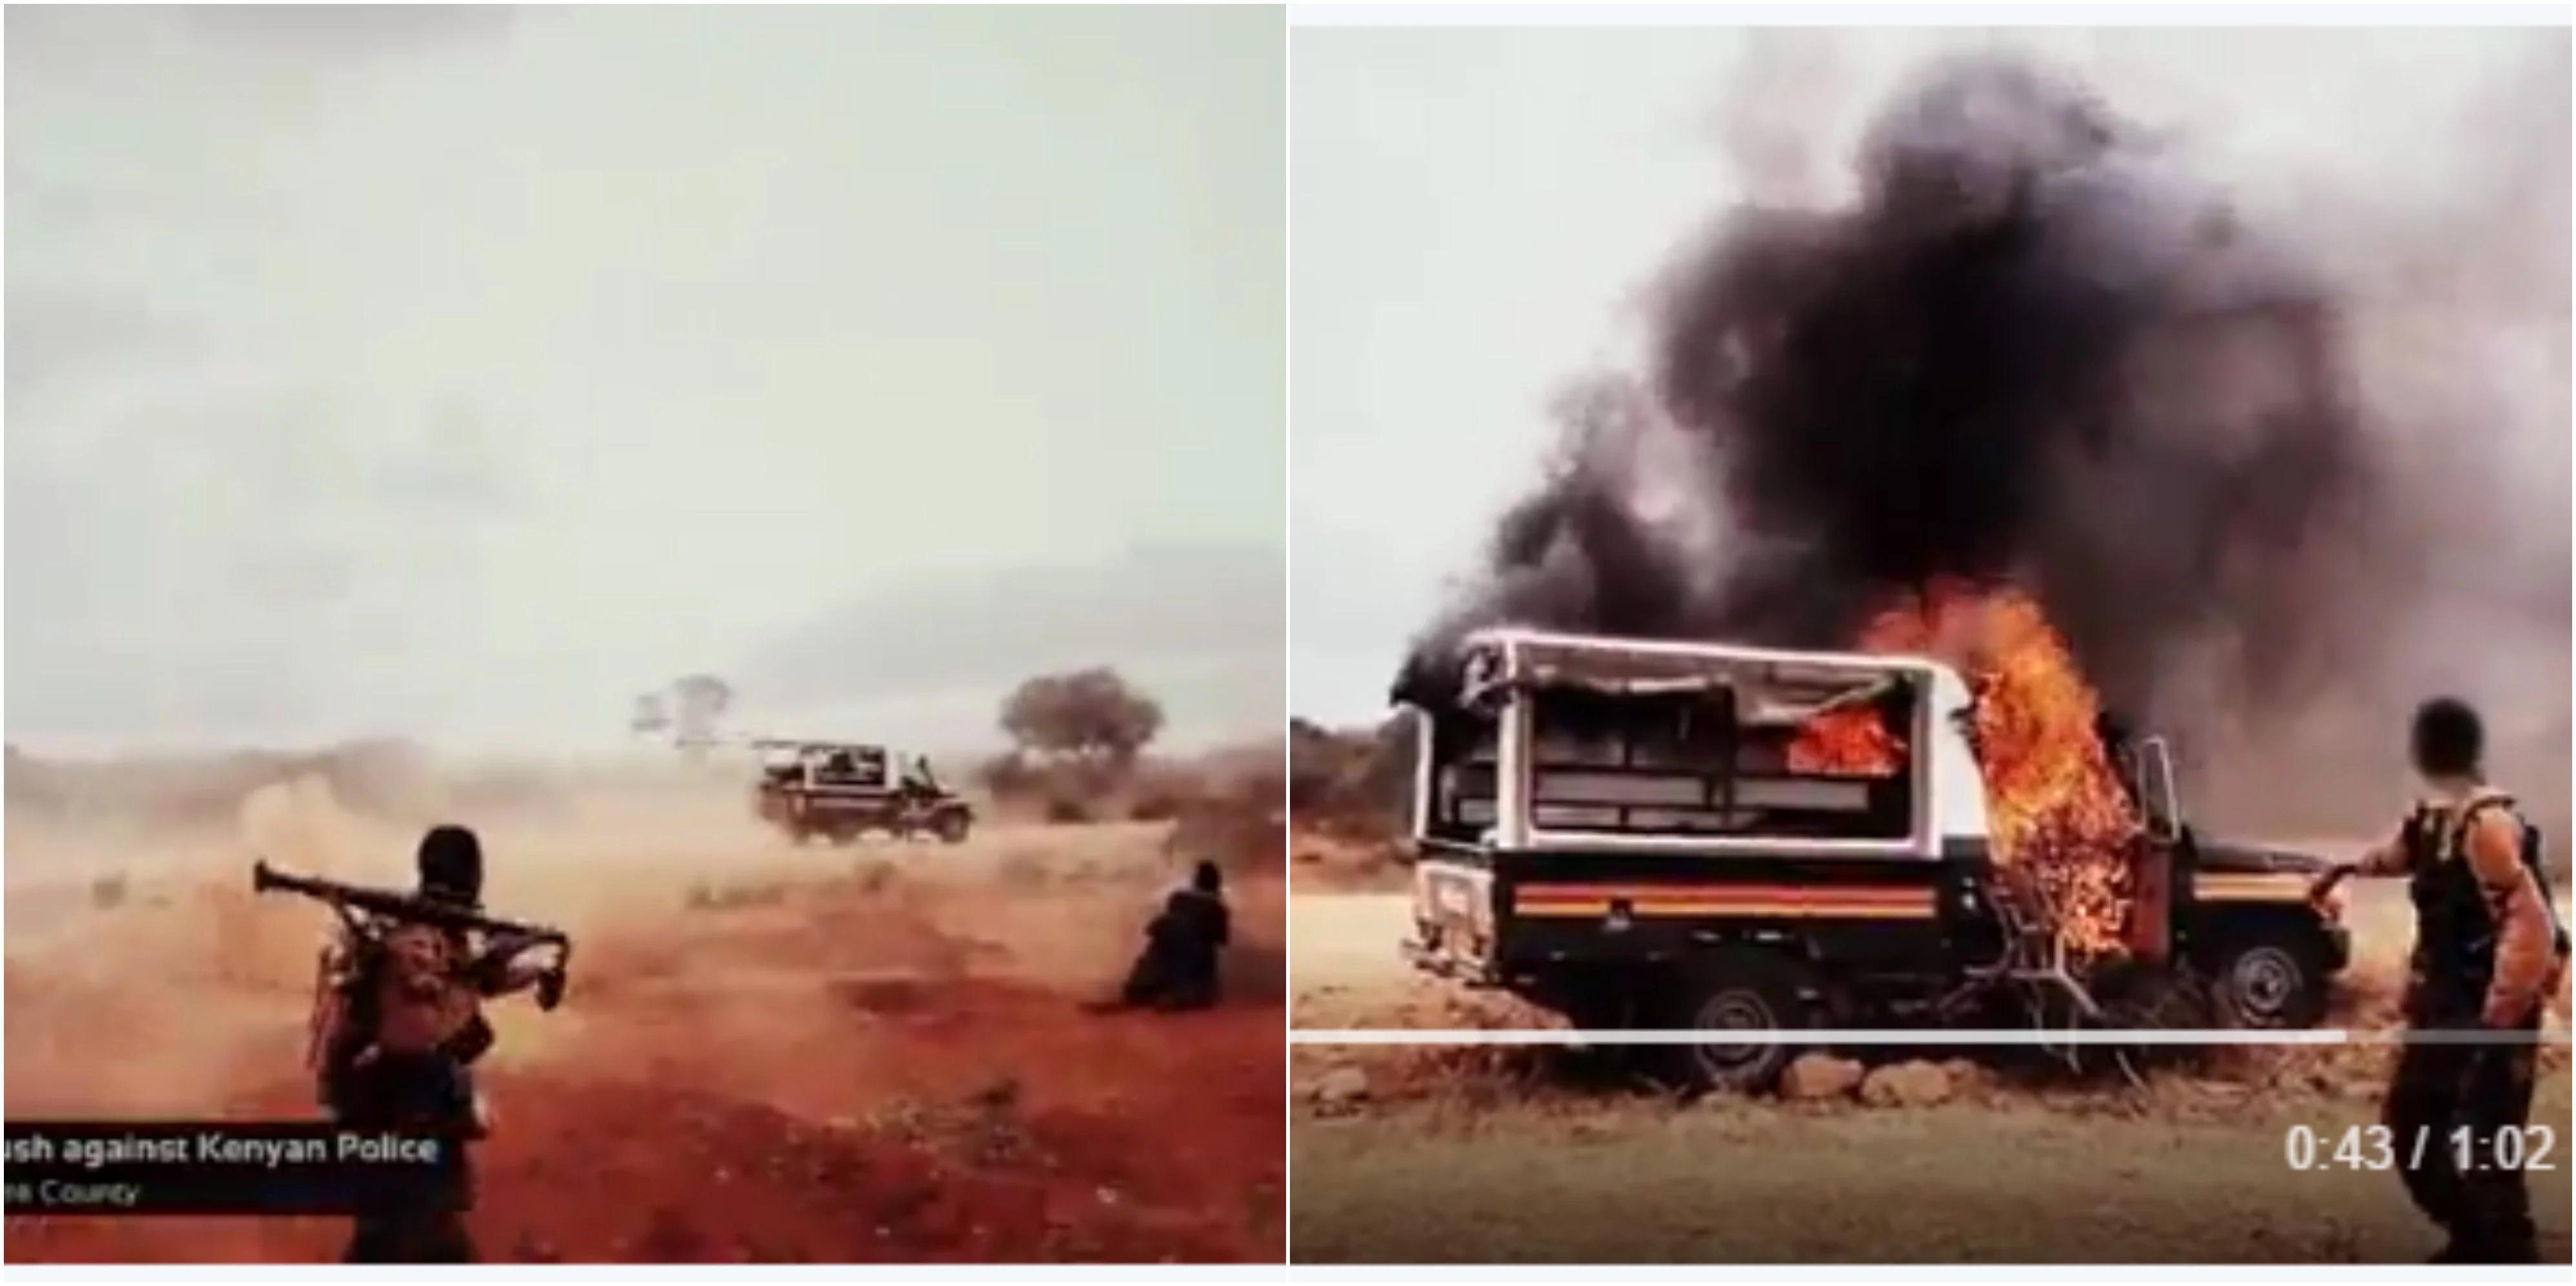 Al-Shabaab video